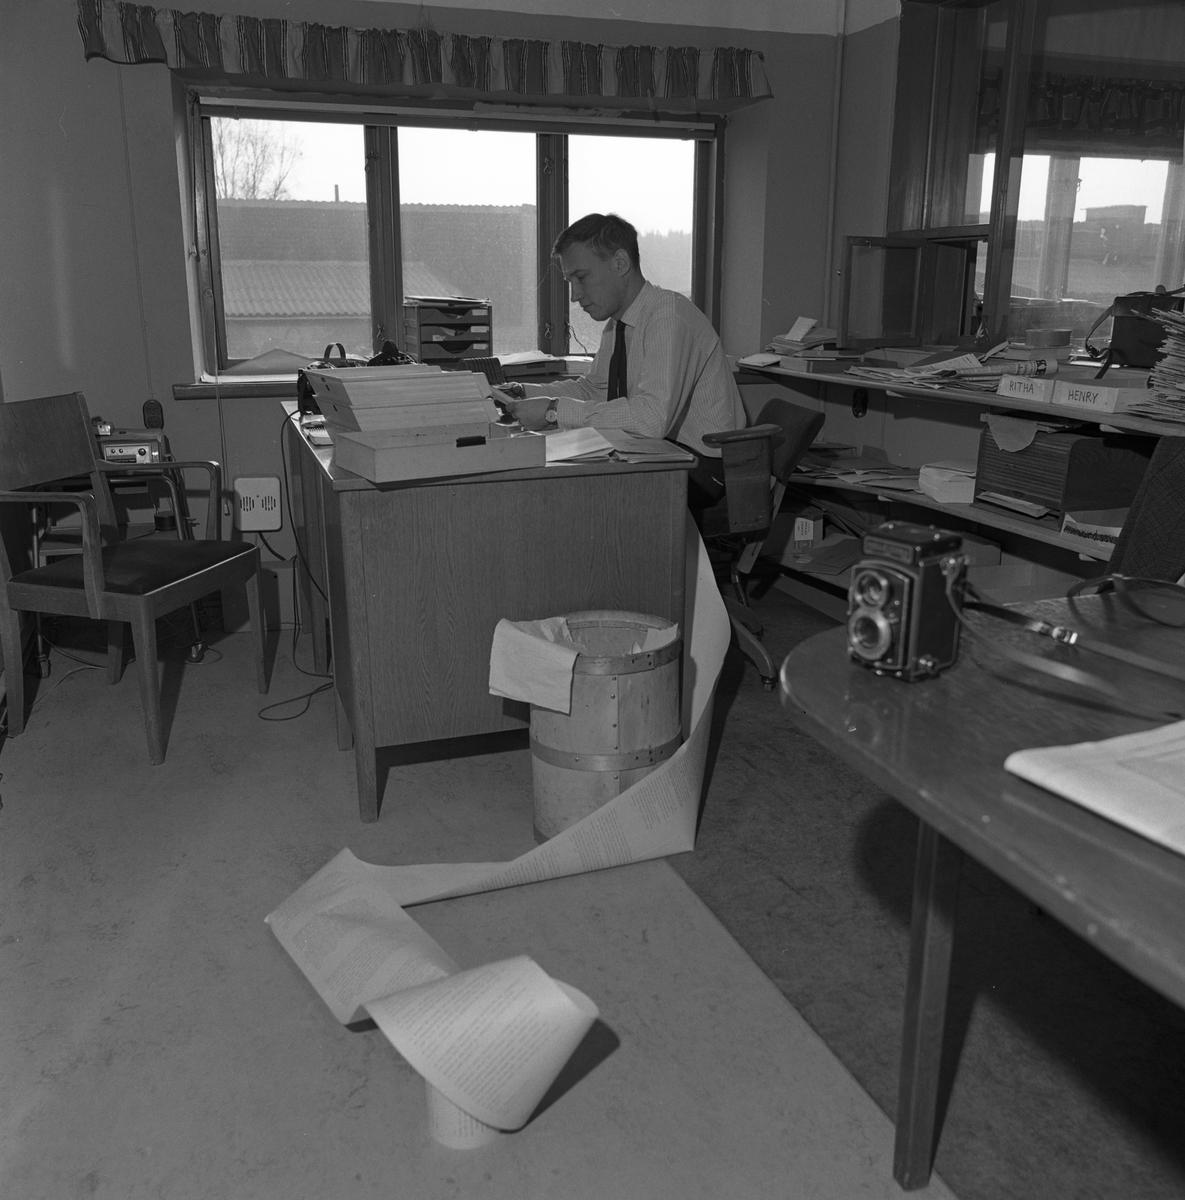 Arboga Tidning, personal och interiör. En man arbetar vid sitt skrivbord. Han har en flera meter lång utskrift, delvis liggande på golvet. I förgrunden står en kamera. Mannen sitter på en kontorsstol på hjul. På andra sidan skrivbordet står en karmstol till besökare. Bakom stolen står en skrivmaskin på ett lågt bord. Skrivbordet står intill fönstret, det syns att kontoret ligger på andra våningen. Bakom mannens rygg finns en låg hylla som är full av papper och tidningar.